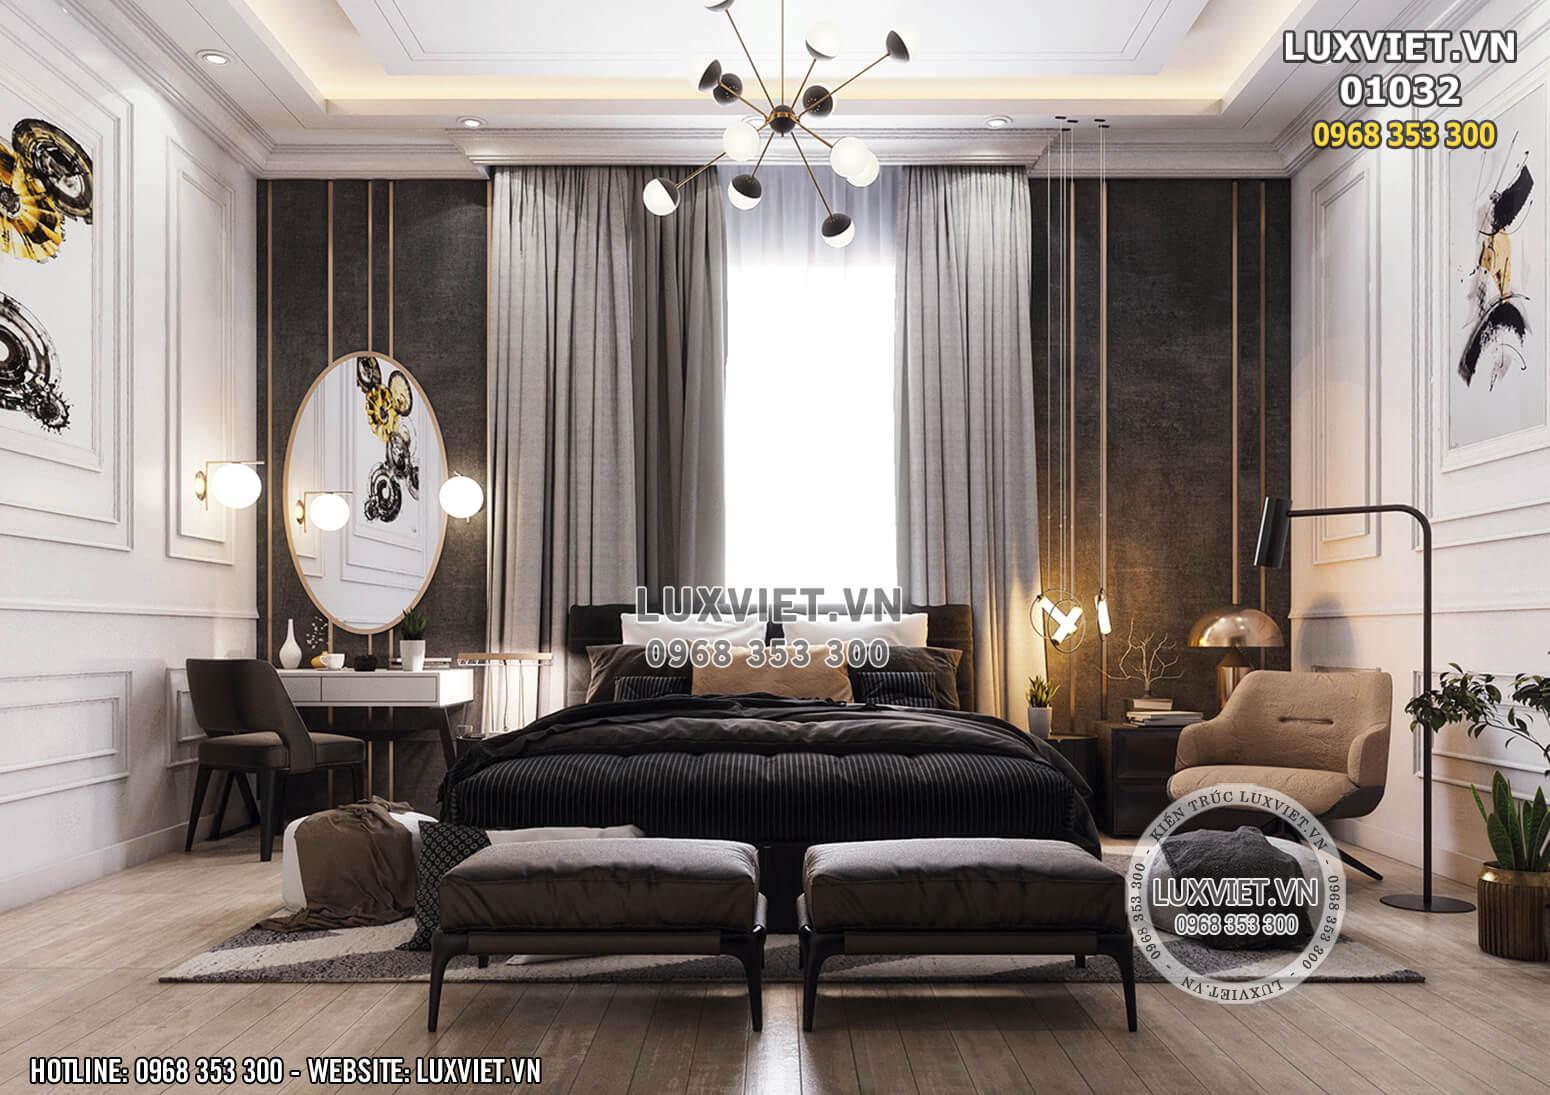 Hình ảnh: Phòng ngủ luxury chính diện - LV 01032